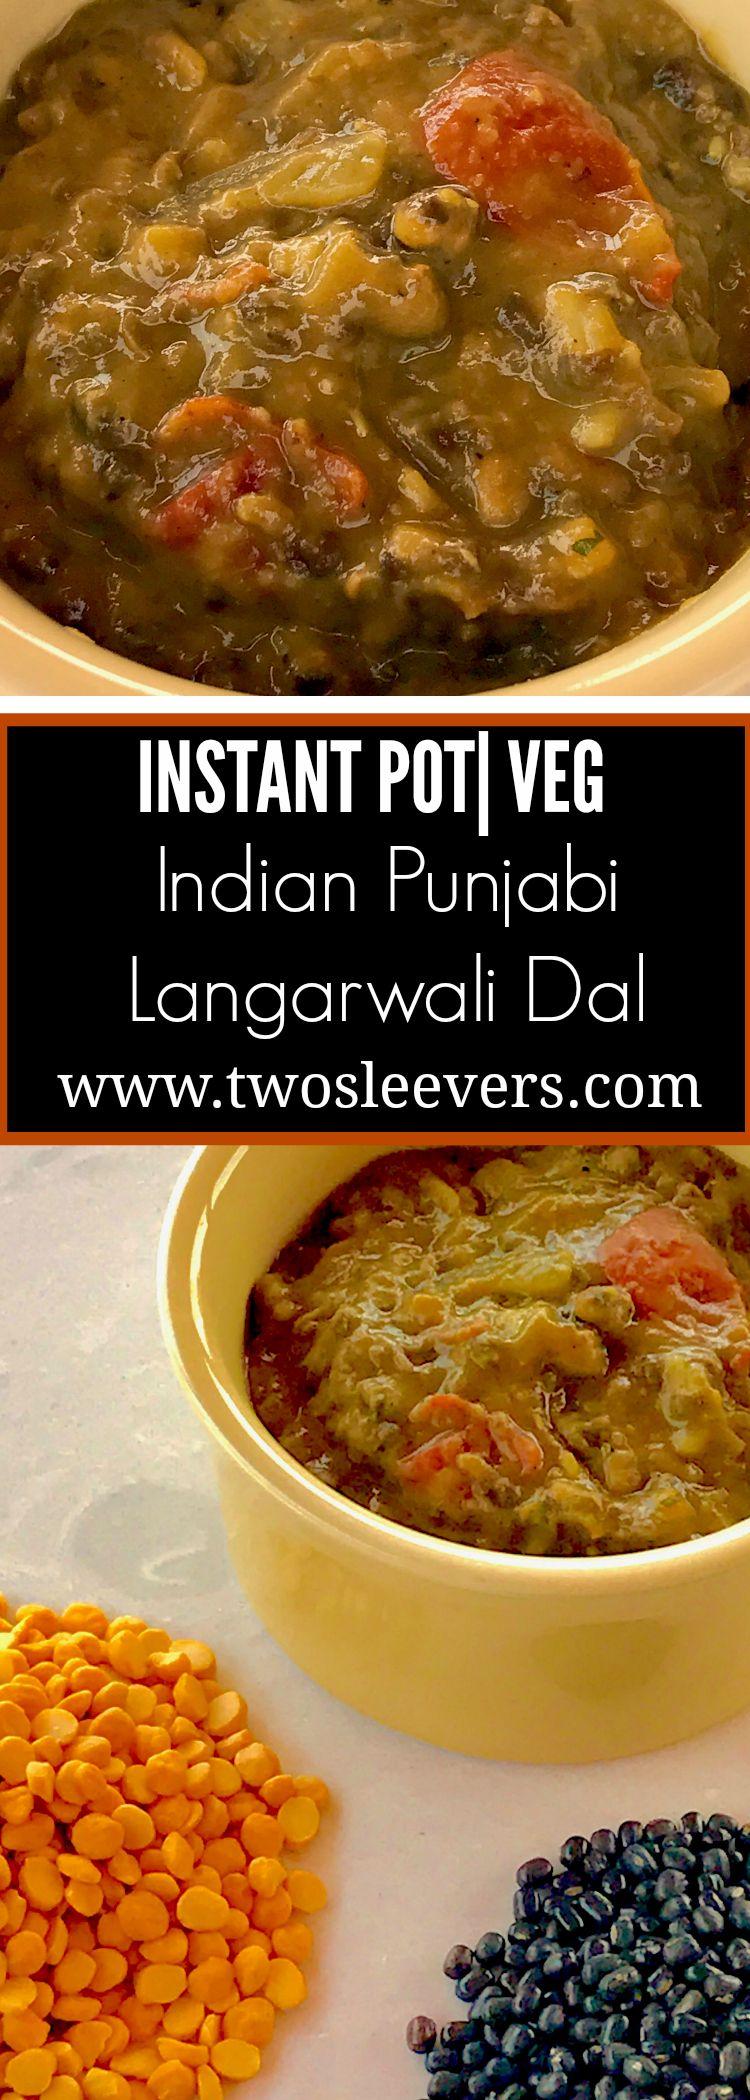 Indian Instant Pot Cookbook: Urvashi Pitre | Indian food